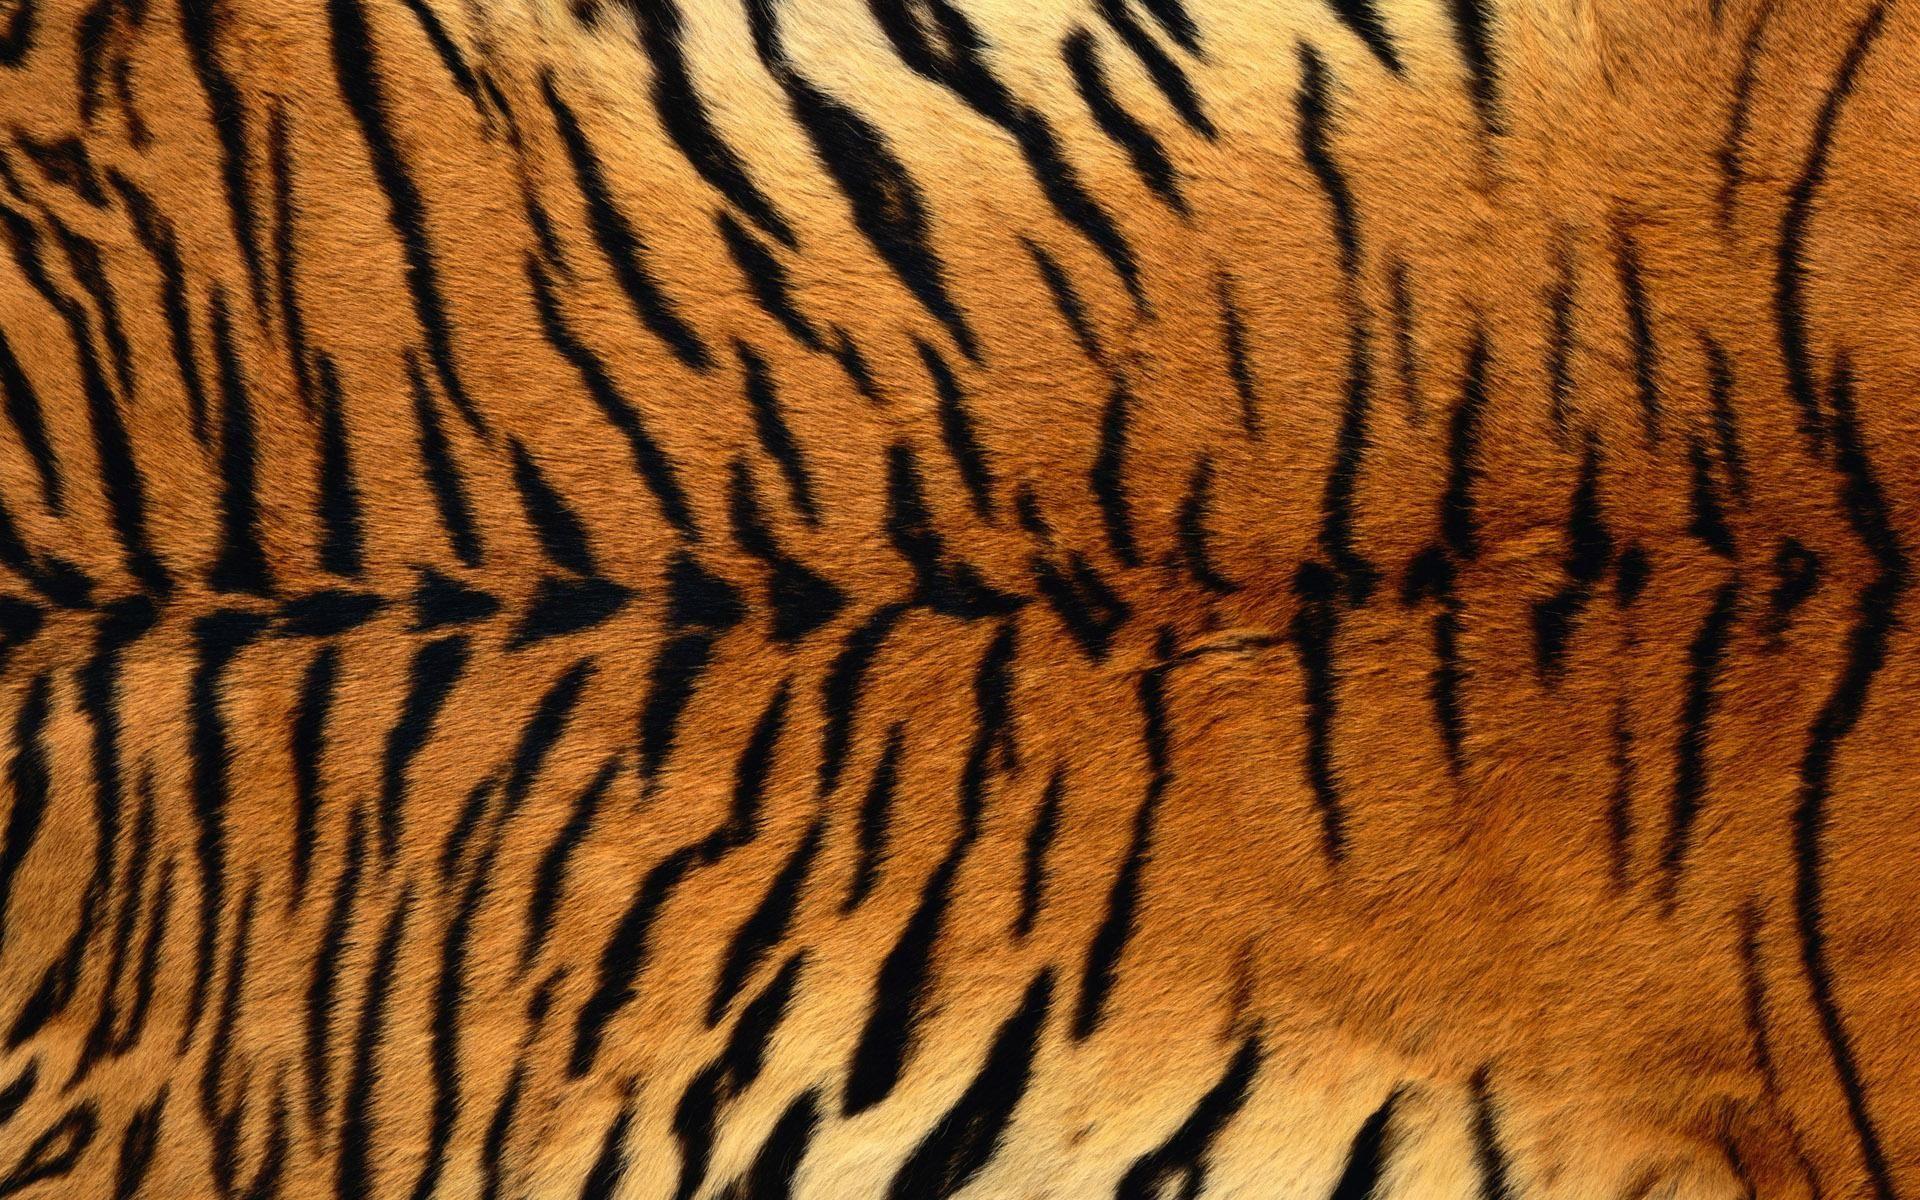 Tiger Print Wallpaper 16 In 2020 Animal Print Texture Tiger Skin Animal Skin